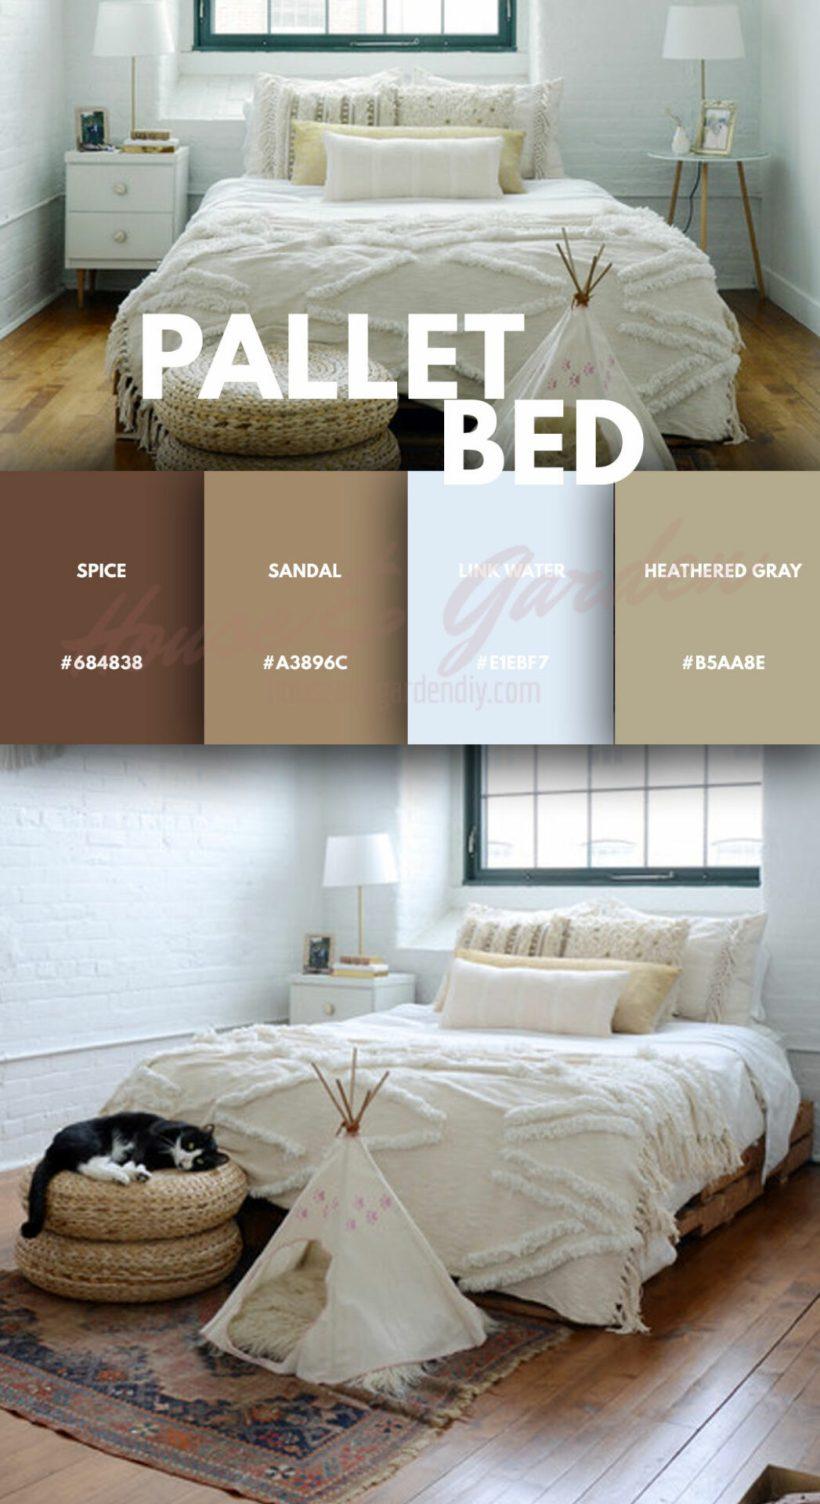 Dormitorio con palet